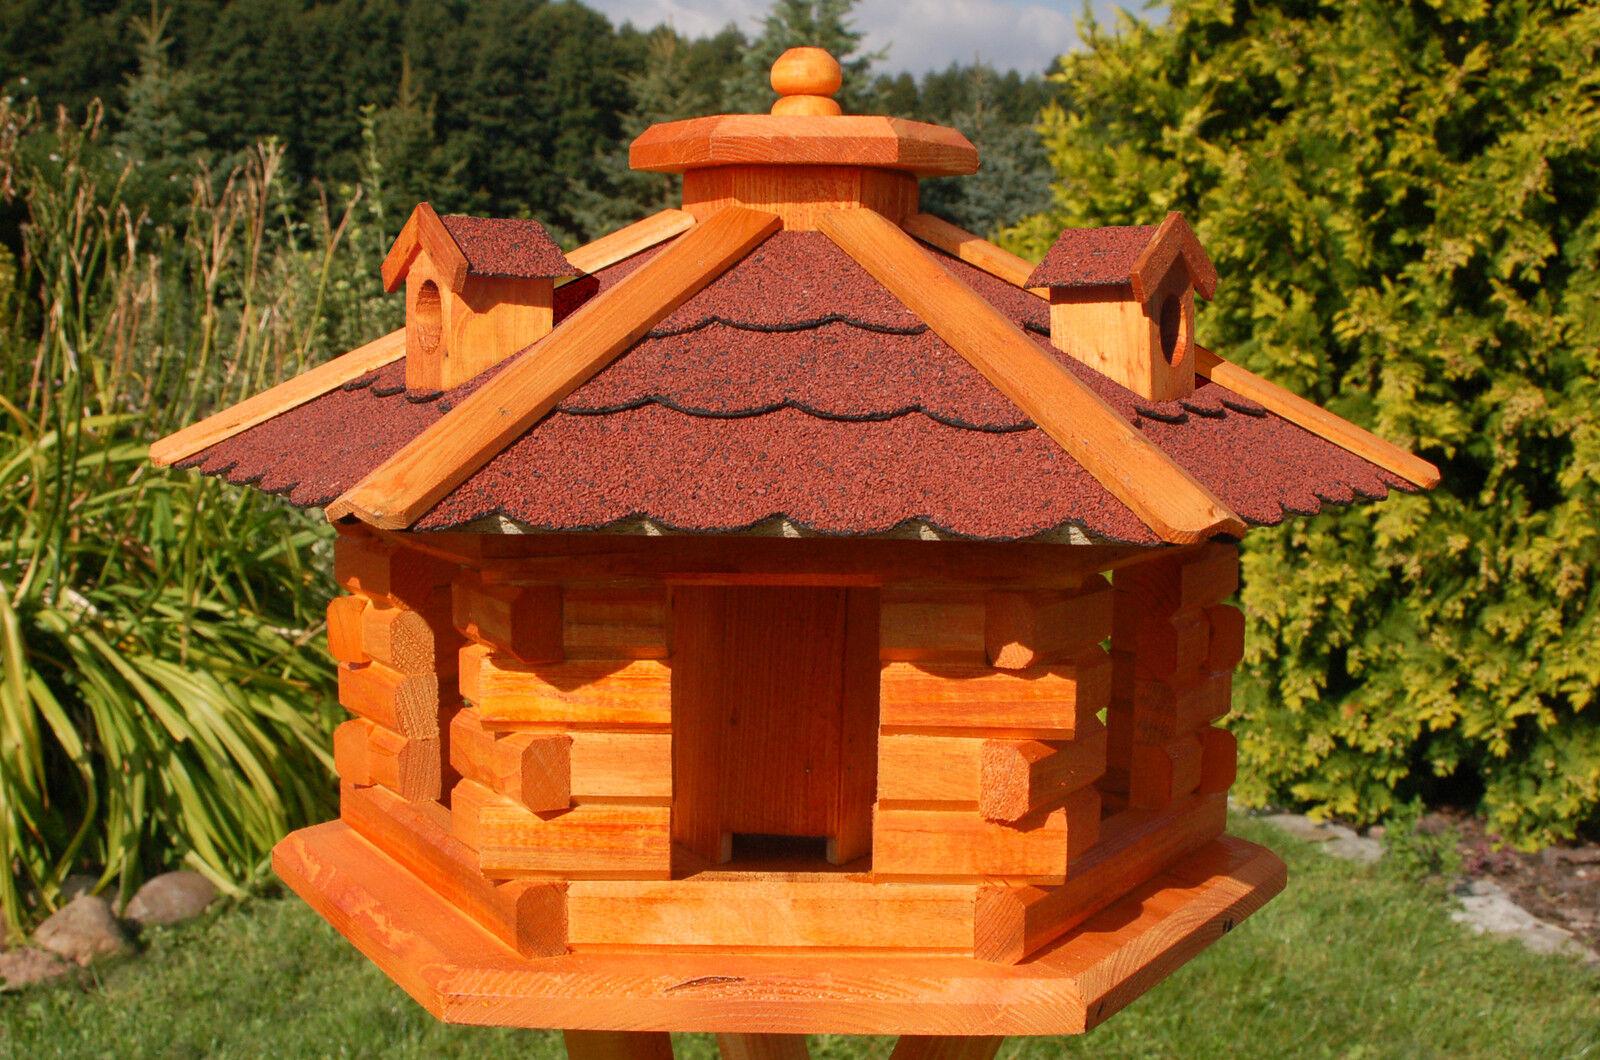 XXL Casetta Casa Mangime Uccelli Casetta tetto rosso v16